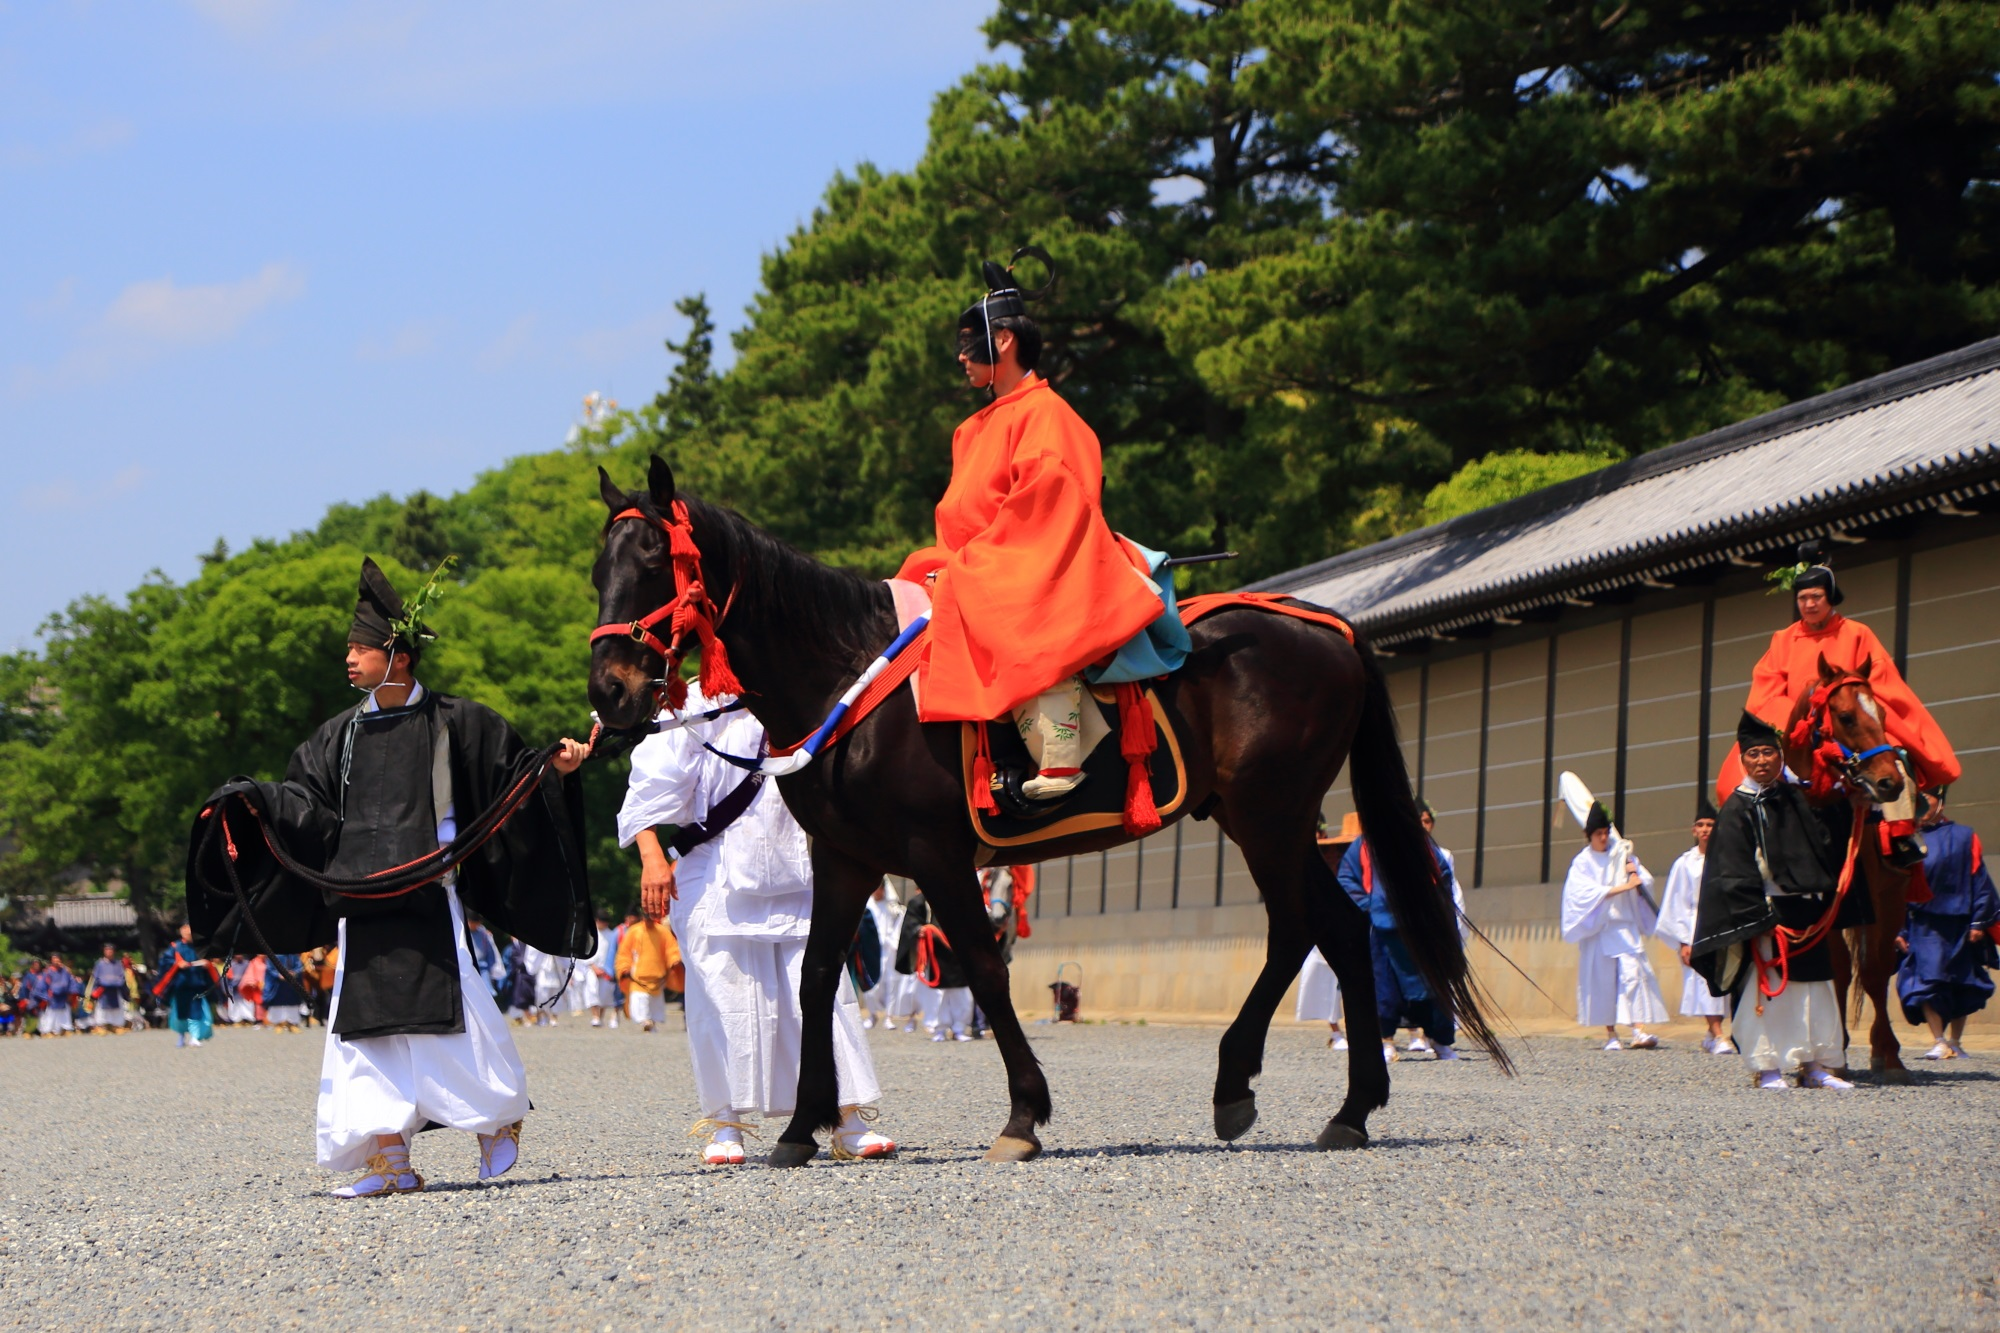 葵祭の衣装と馬